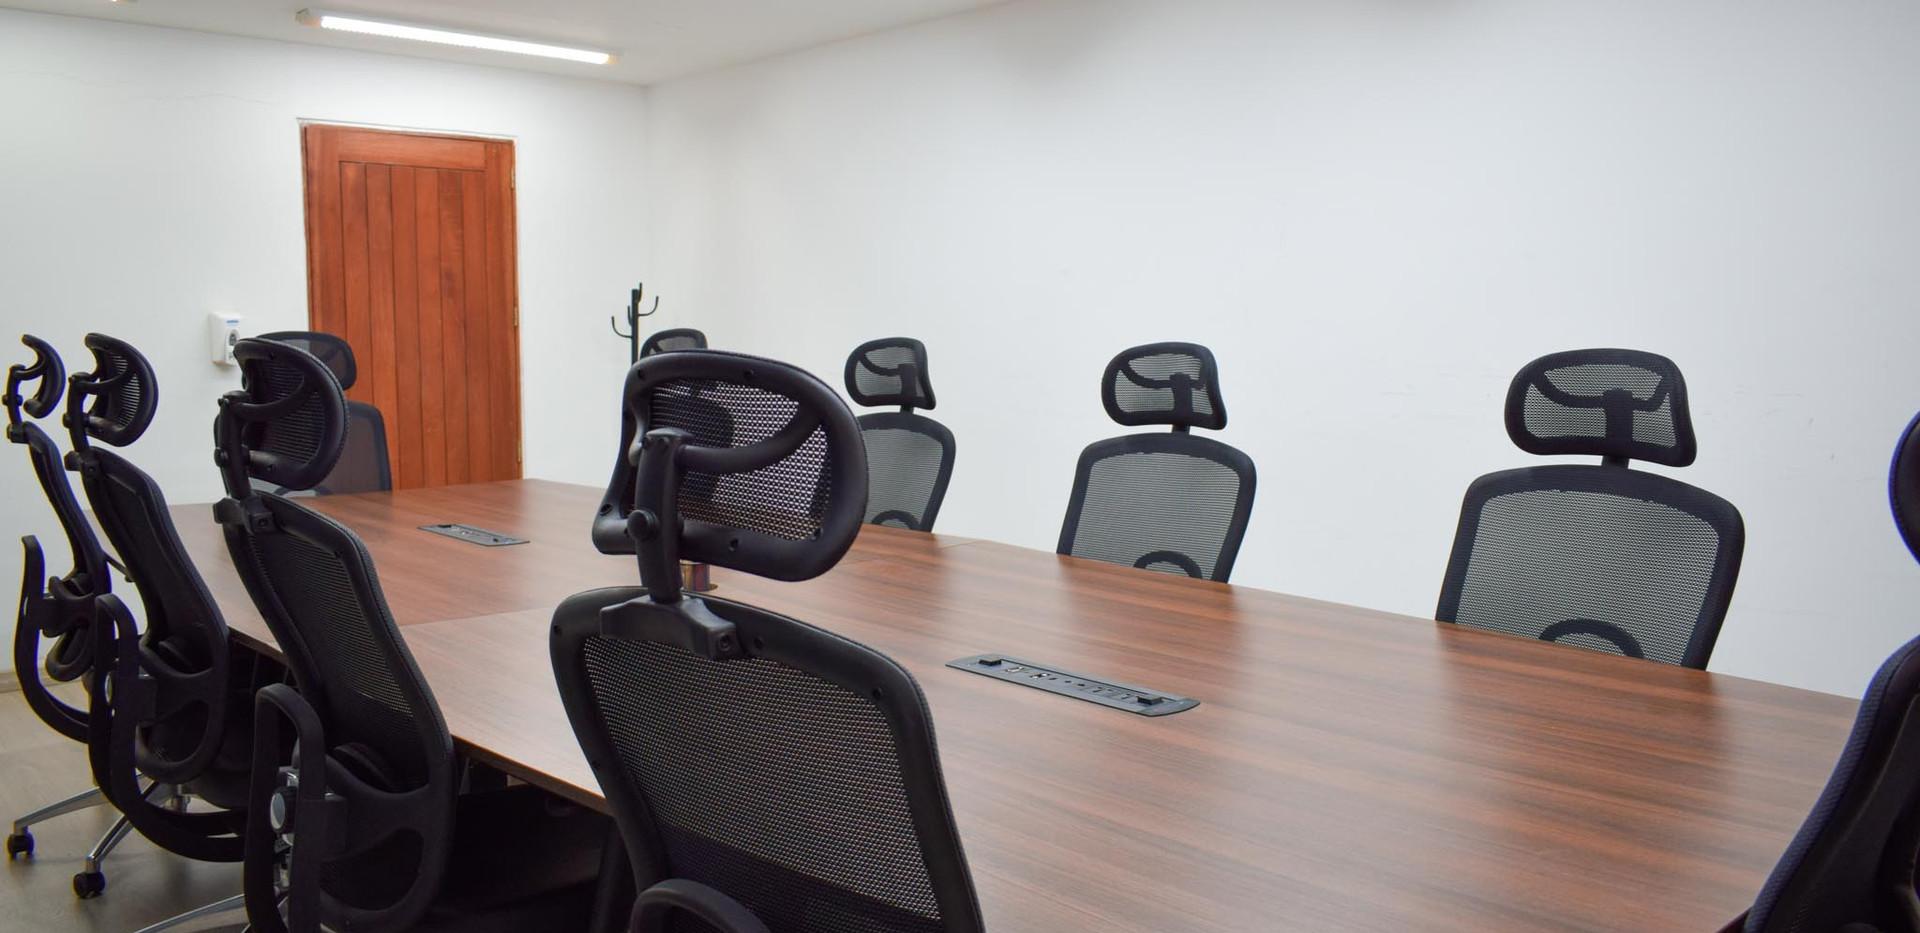 salon-para-reuniones-empresariales.jpg